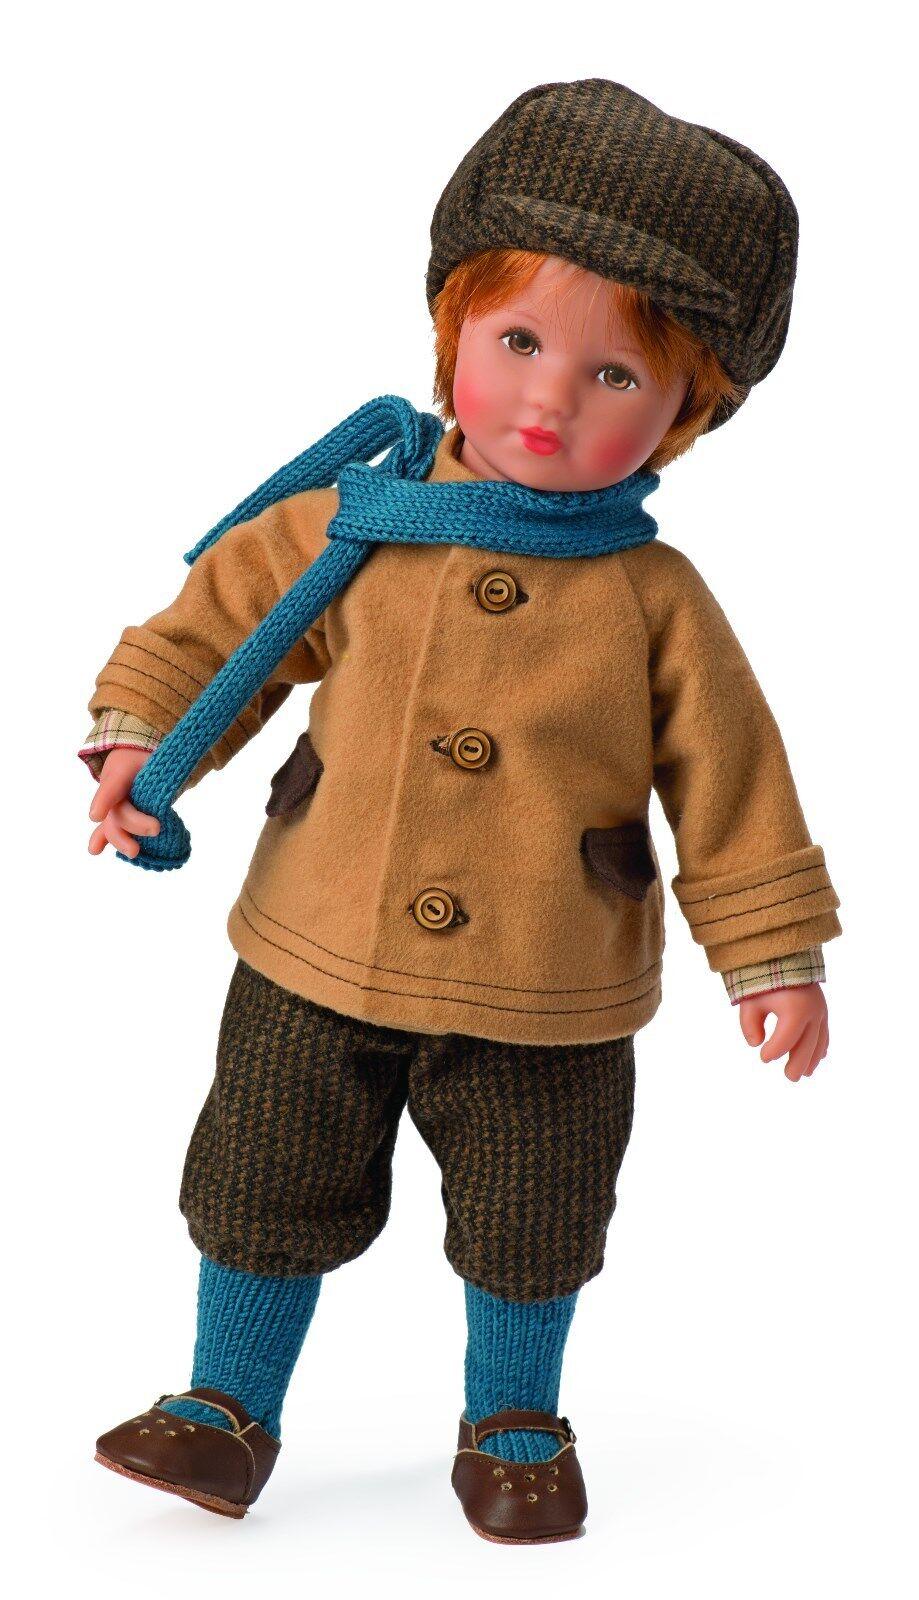 Käthe Kruse Puppe Glückskind Björn ca 39 cm Art-Nr. 42753 Neu